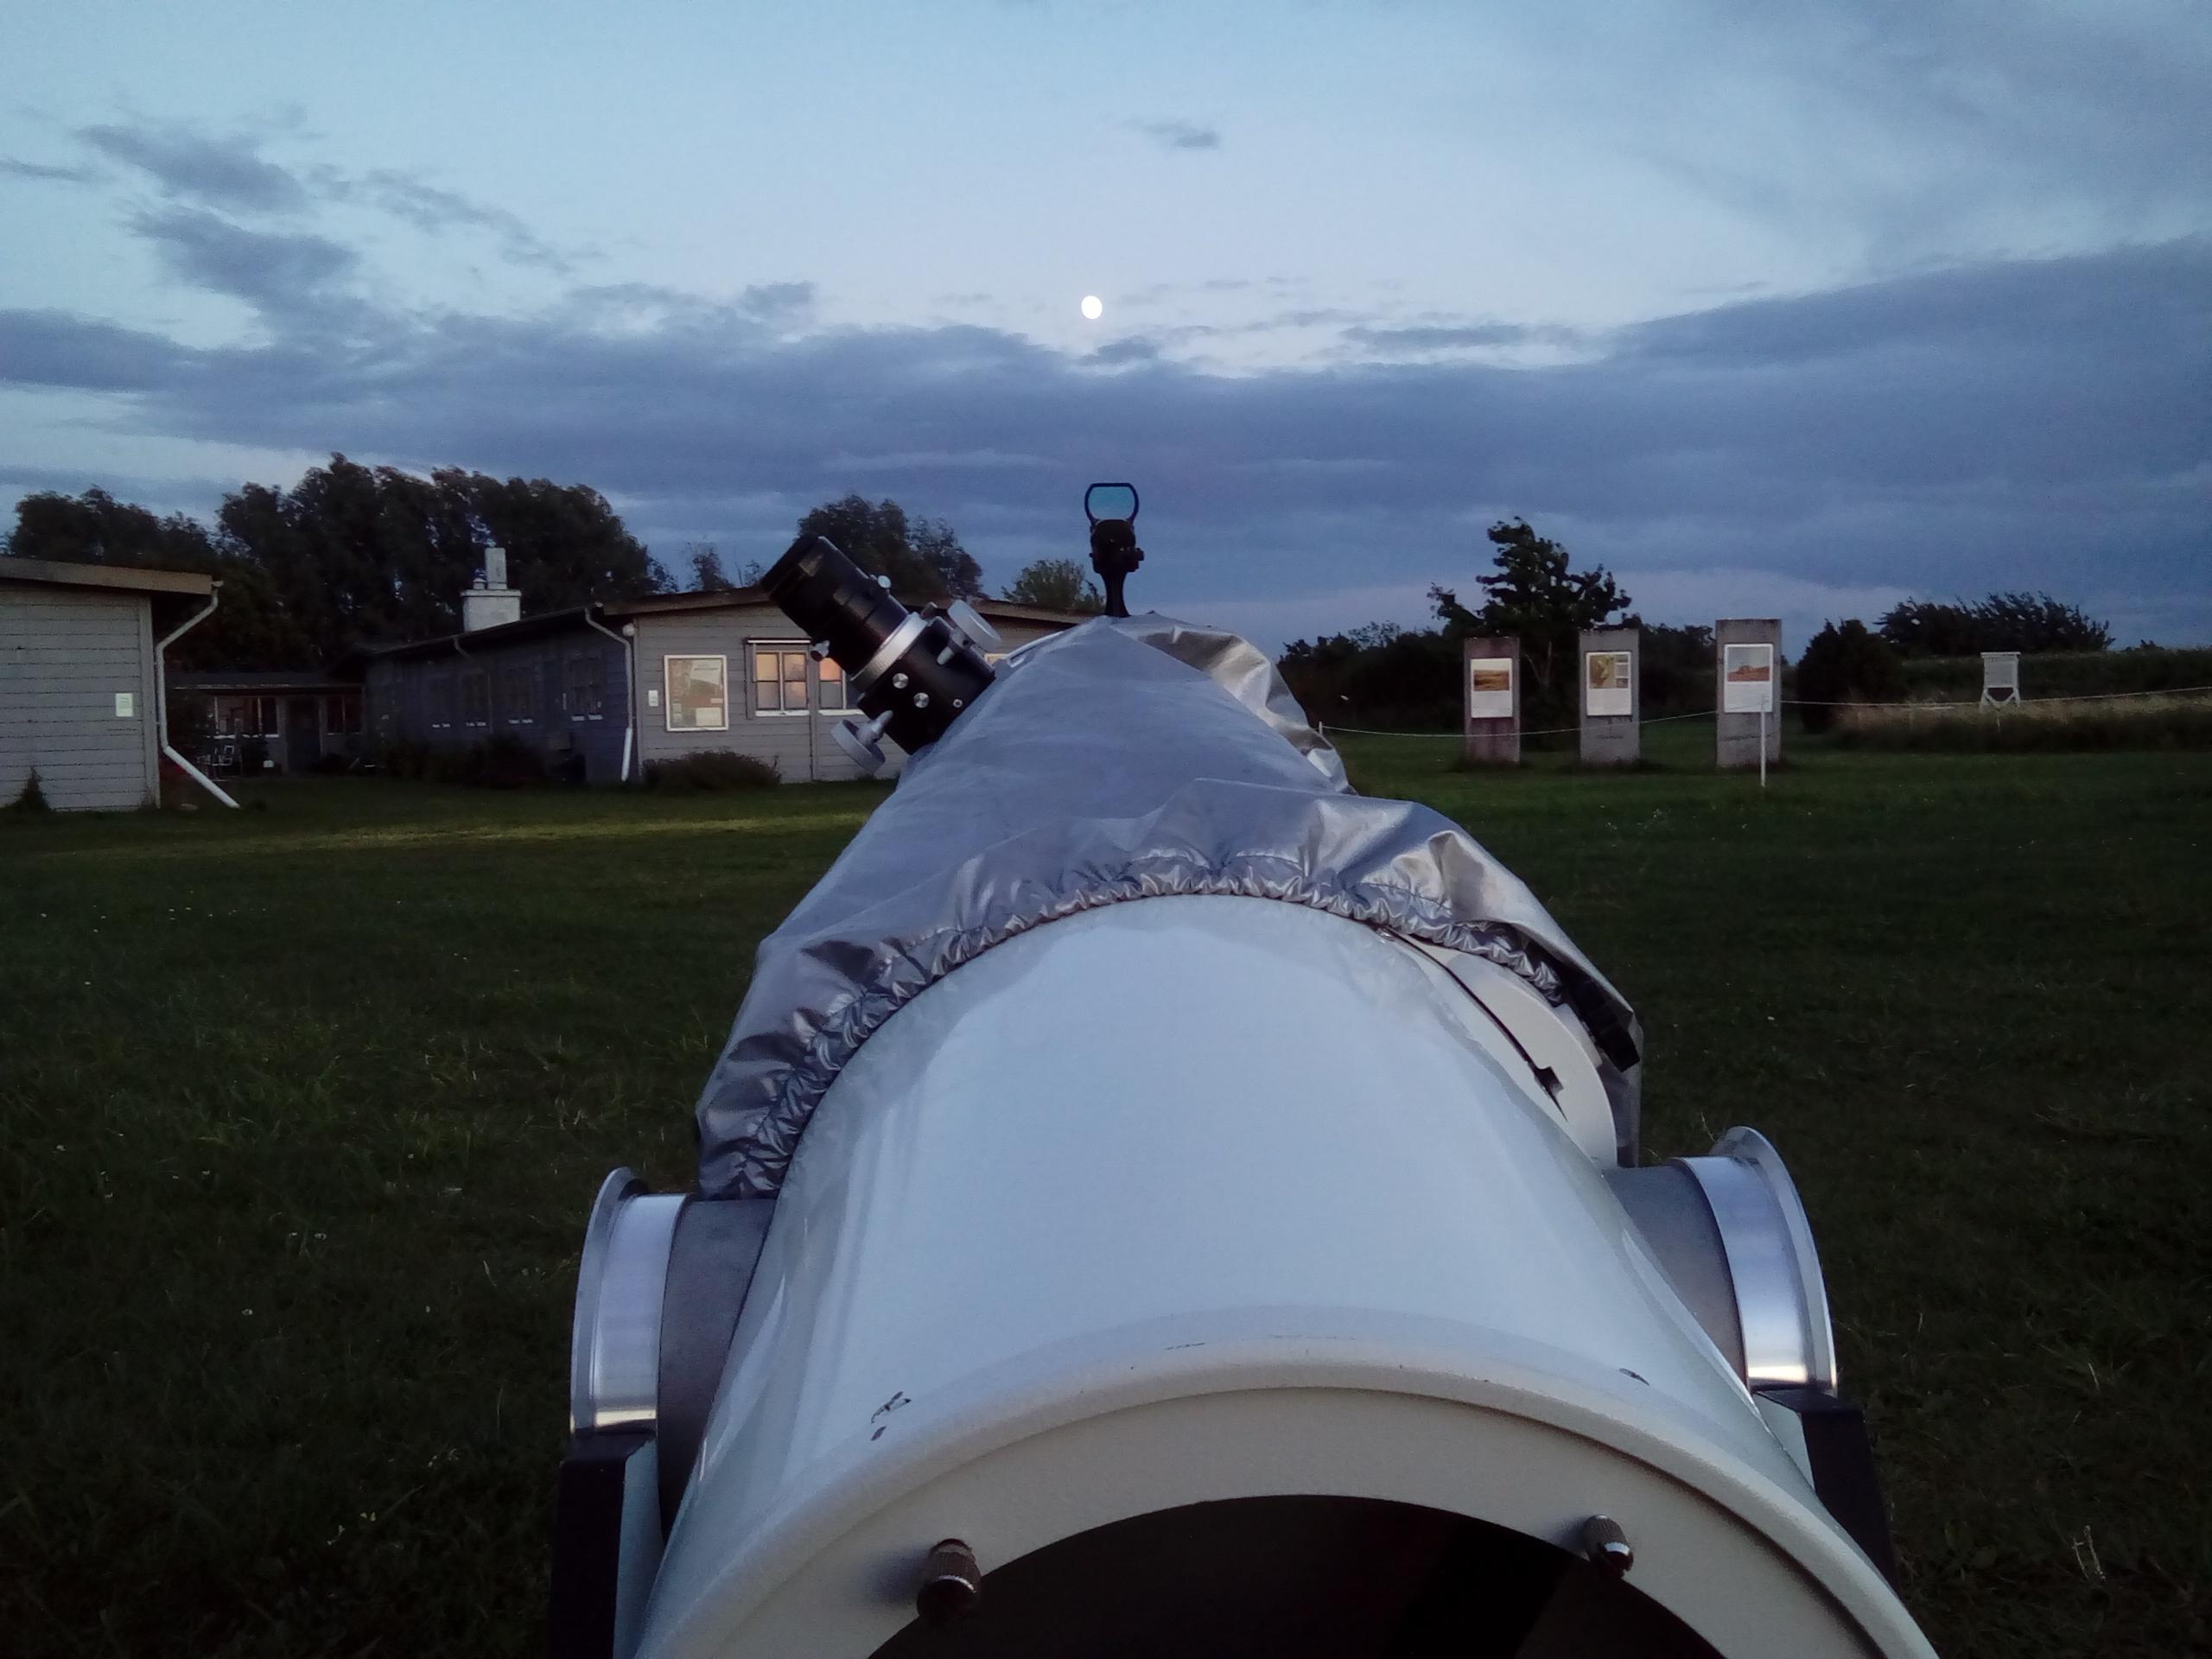 Den astronomiska visningen för allmänheten den 4 augusti lockade tyvärr få besökare.